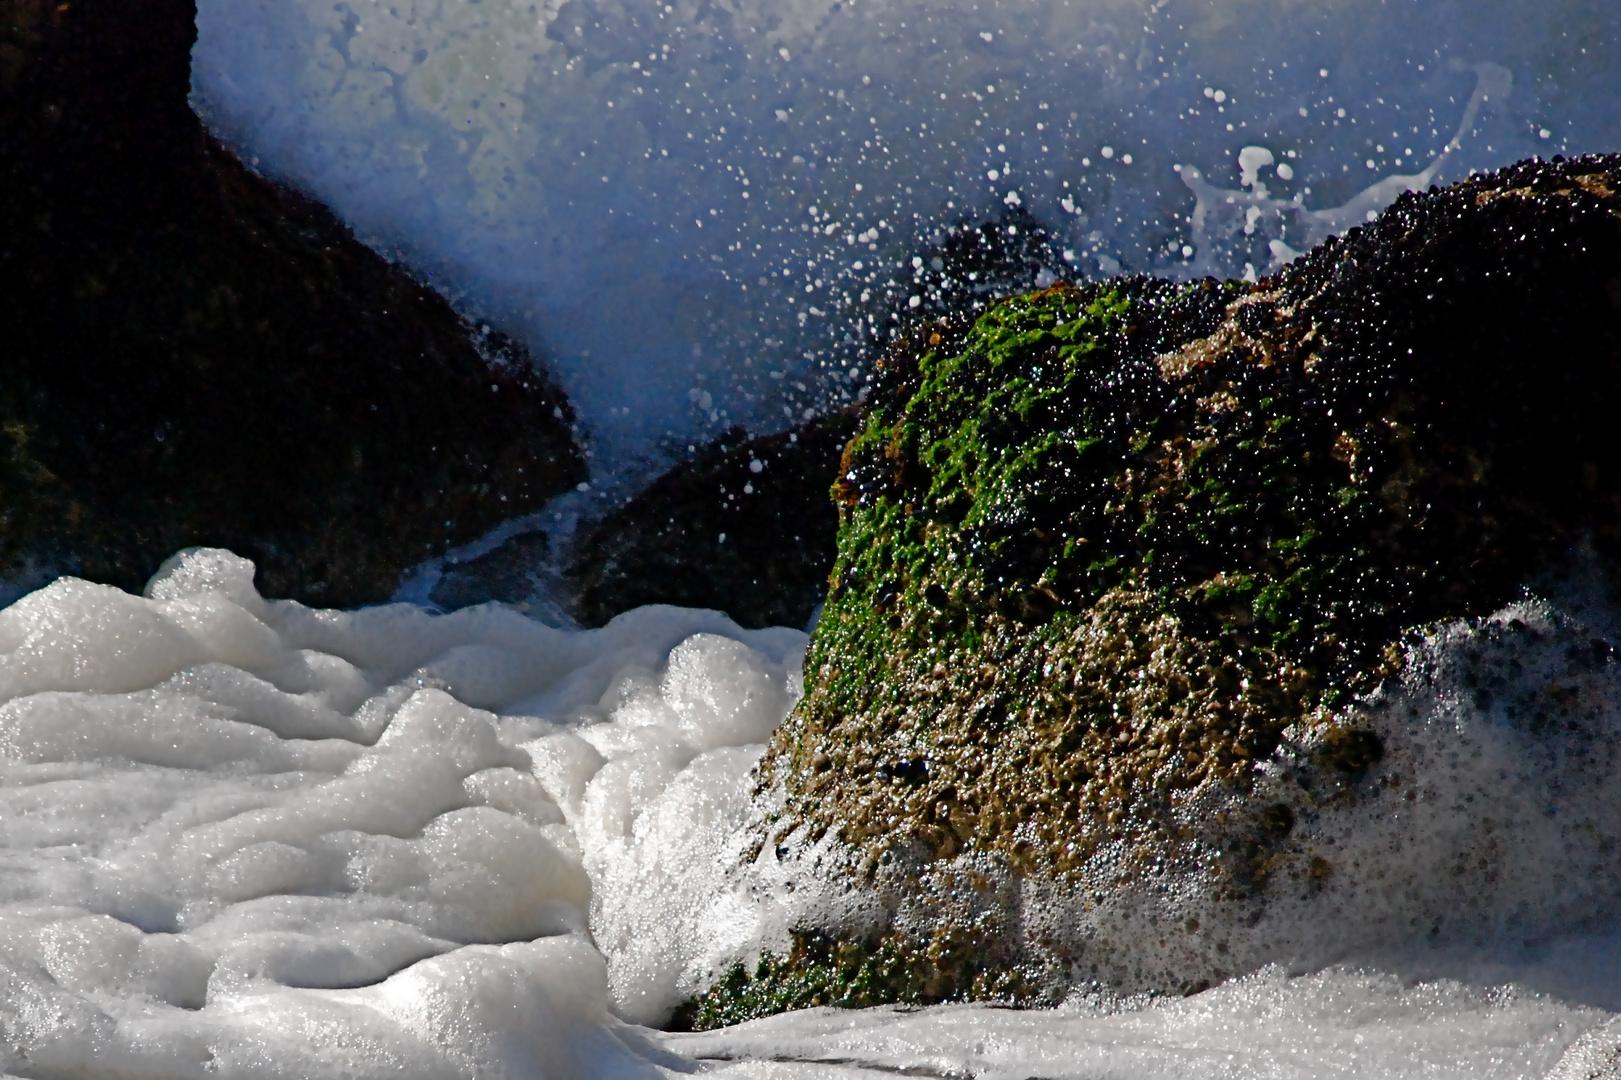 Meeresschaum